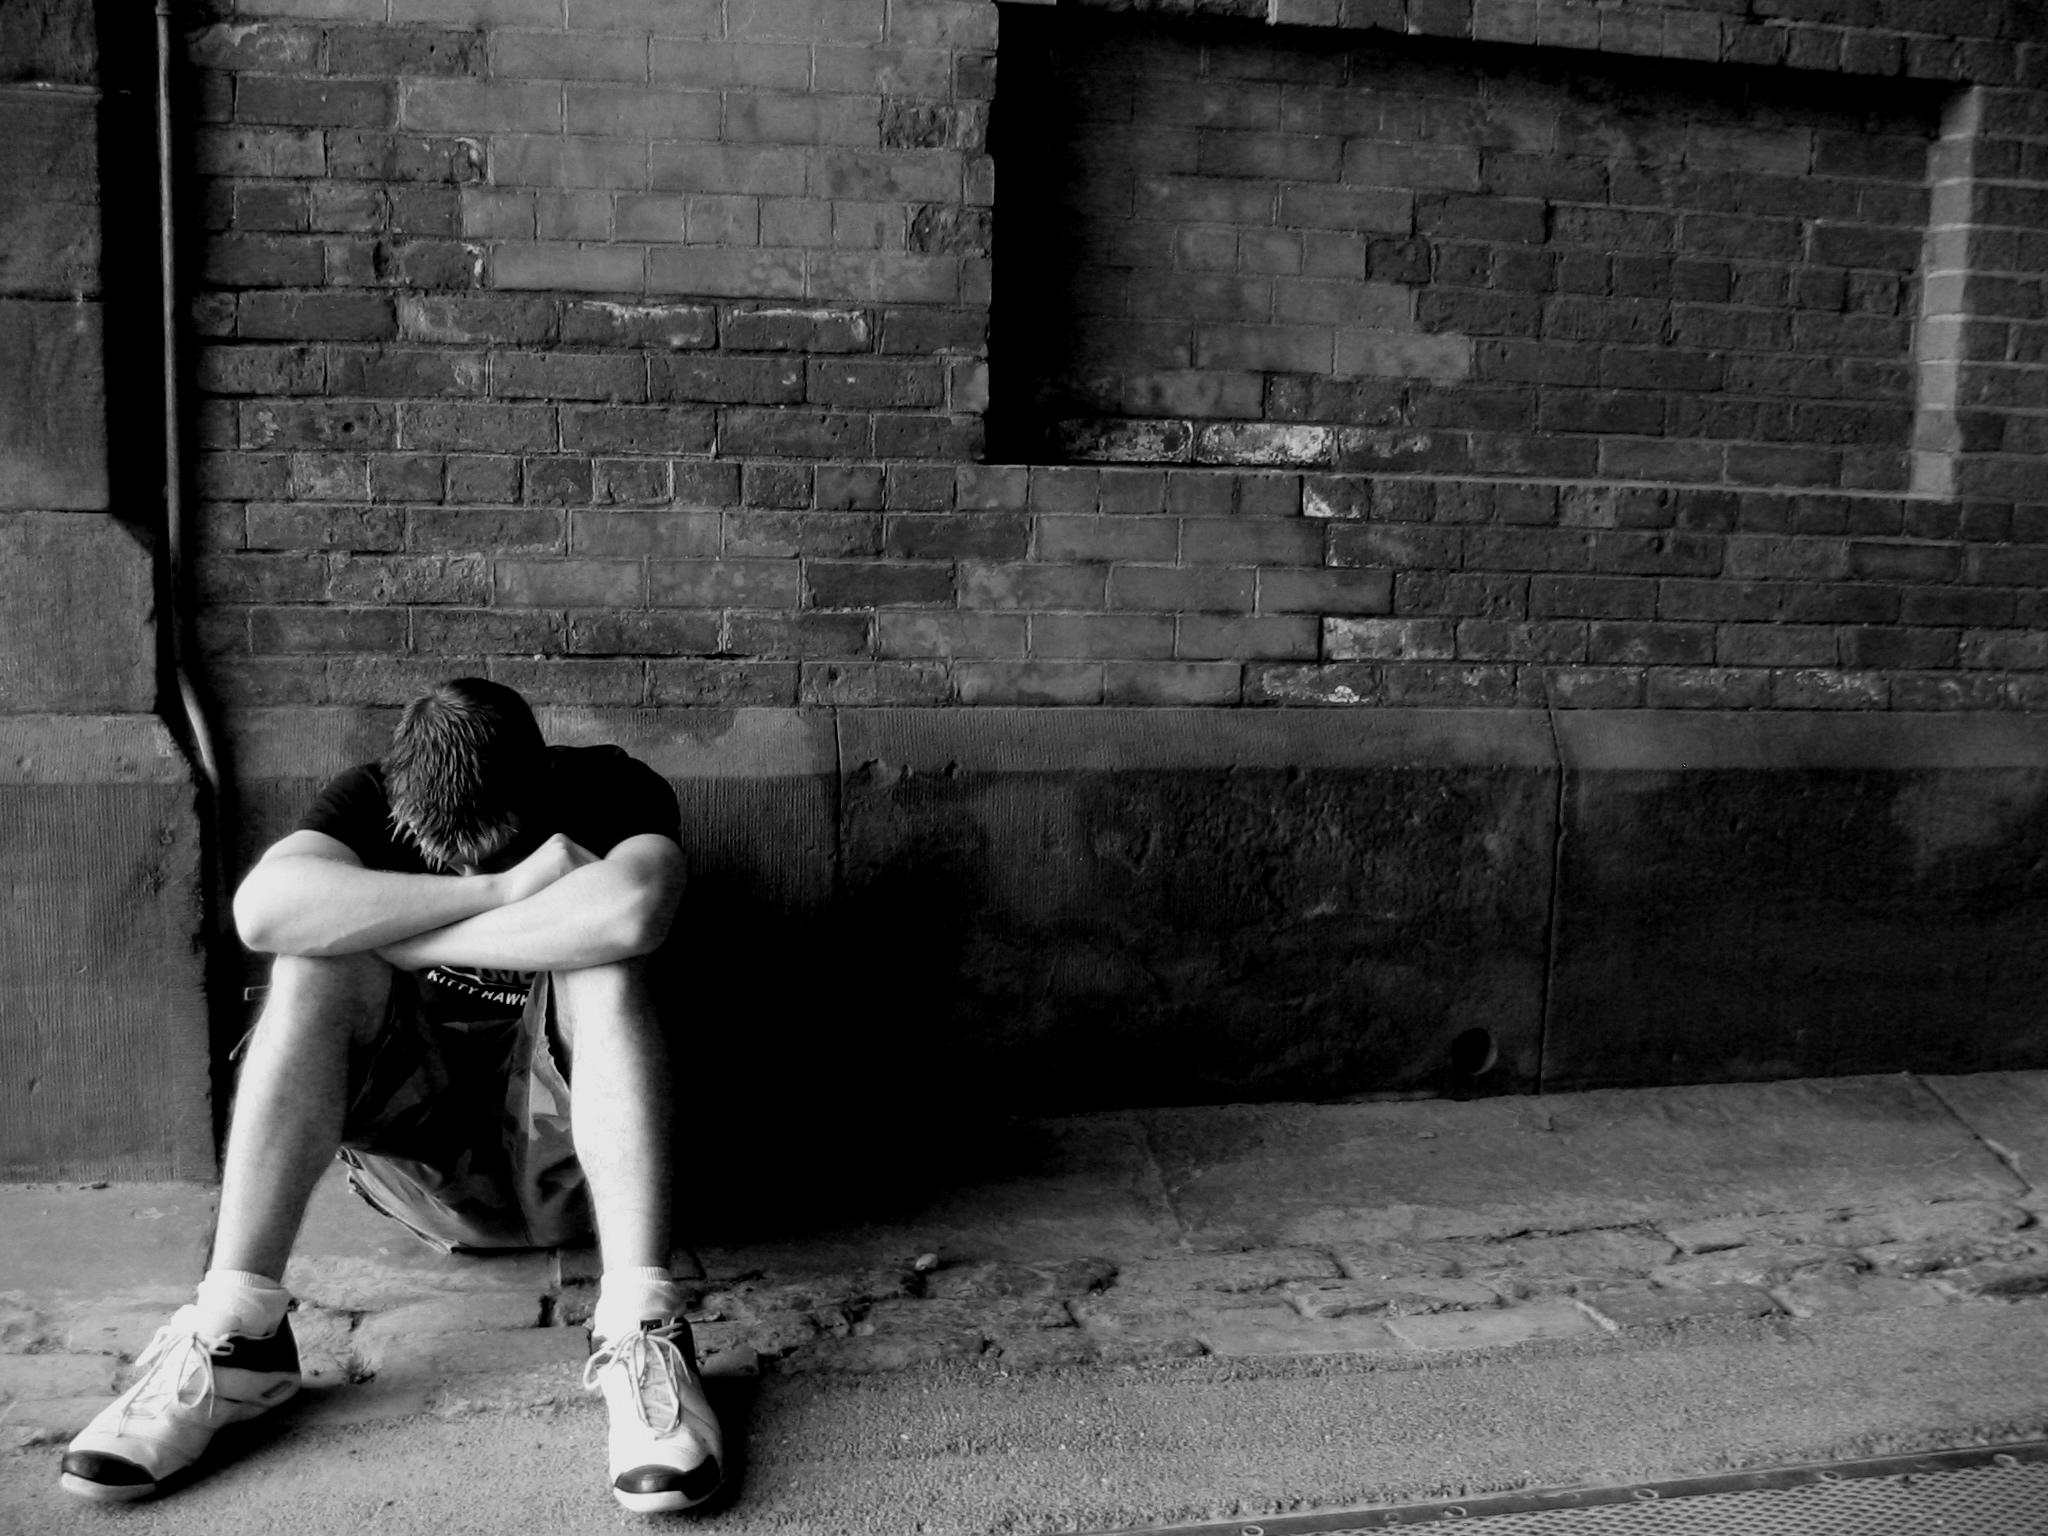 Blue Whale: le regole e le sfide del gioco del suicidio diffuso tra gli adolescenti